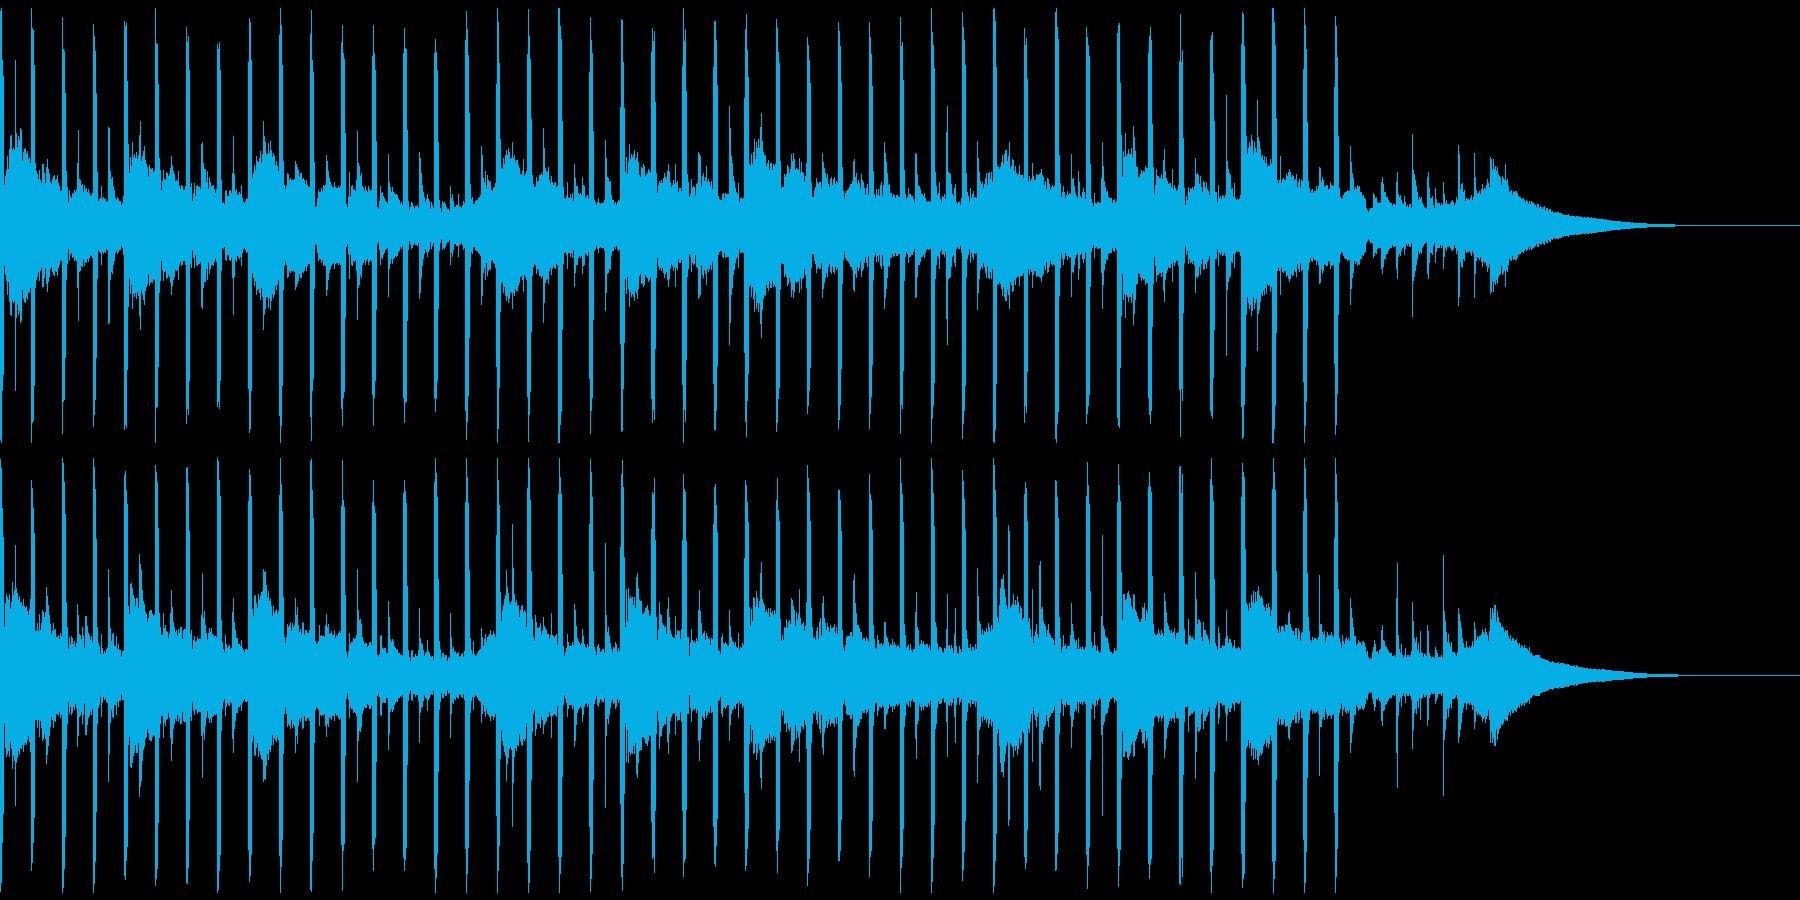 動機付けインタビュー(30秒)の再生済みの波形